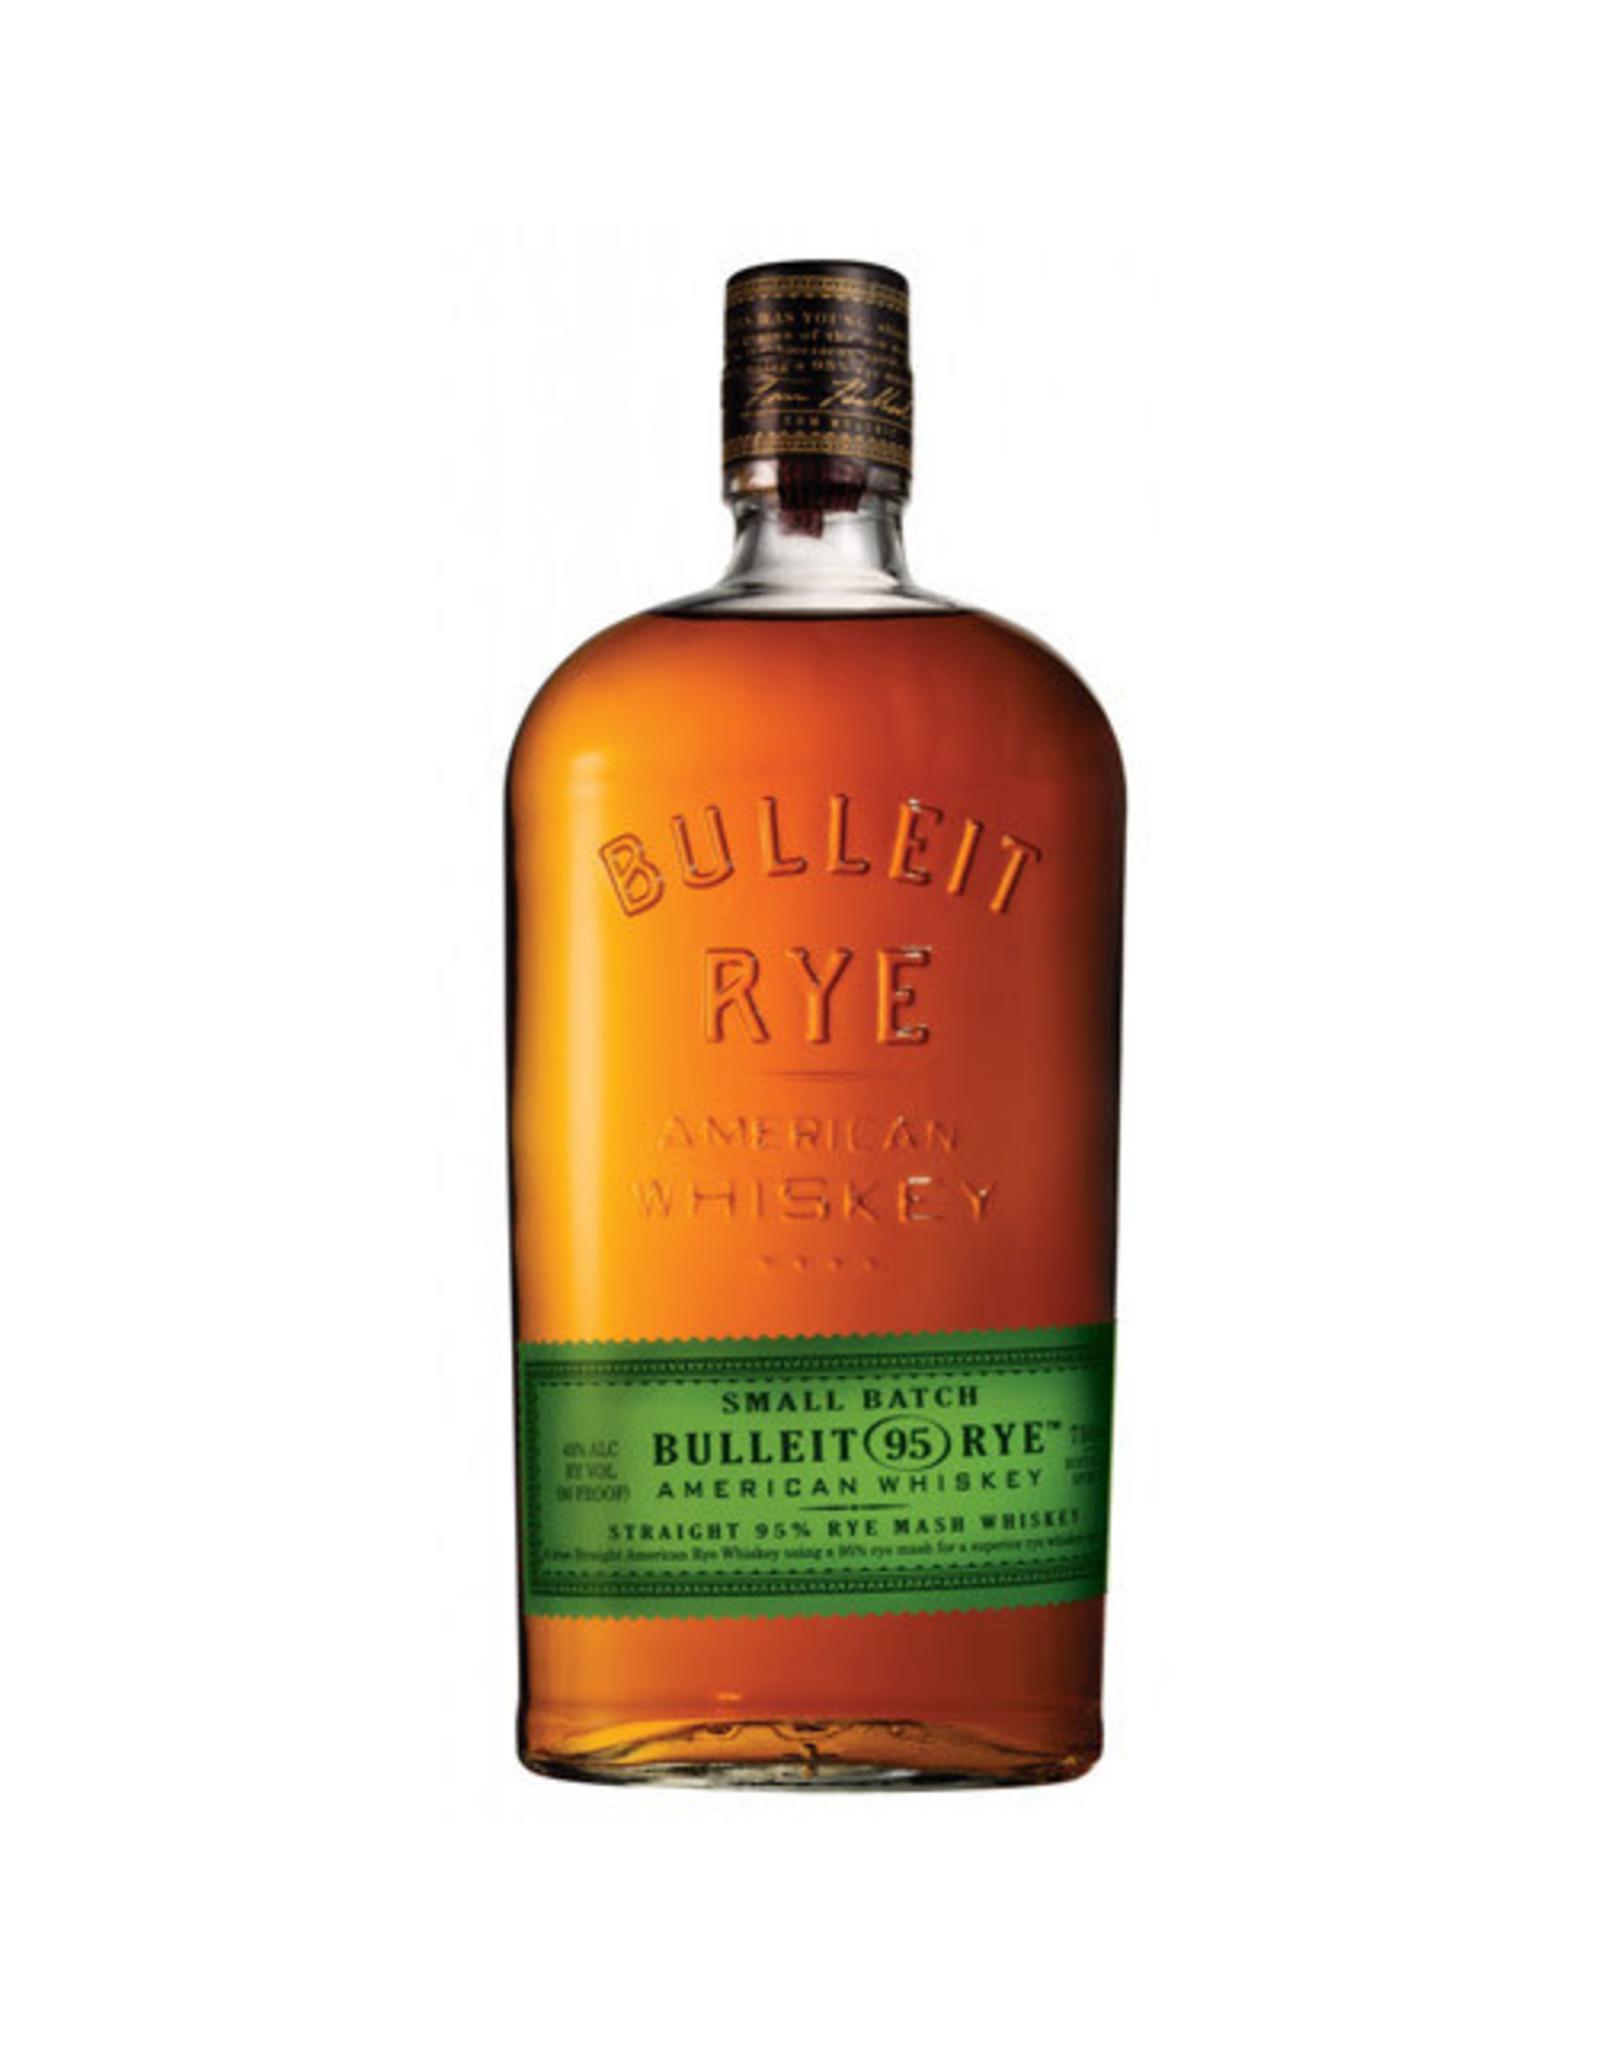 Bulleit Rye 1.75 ml